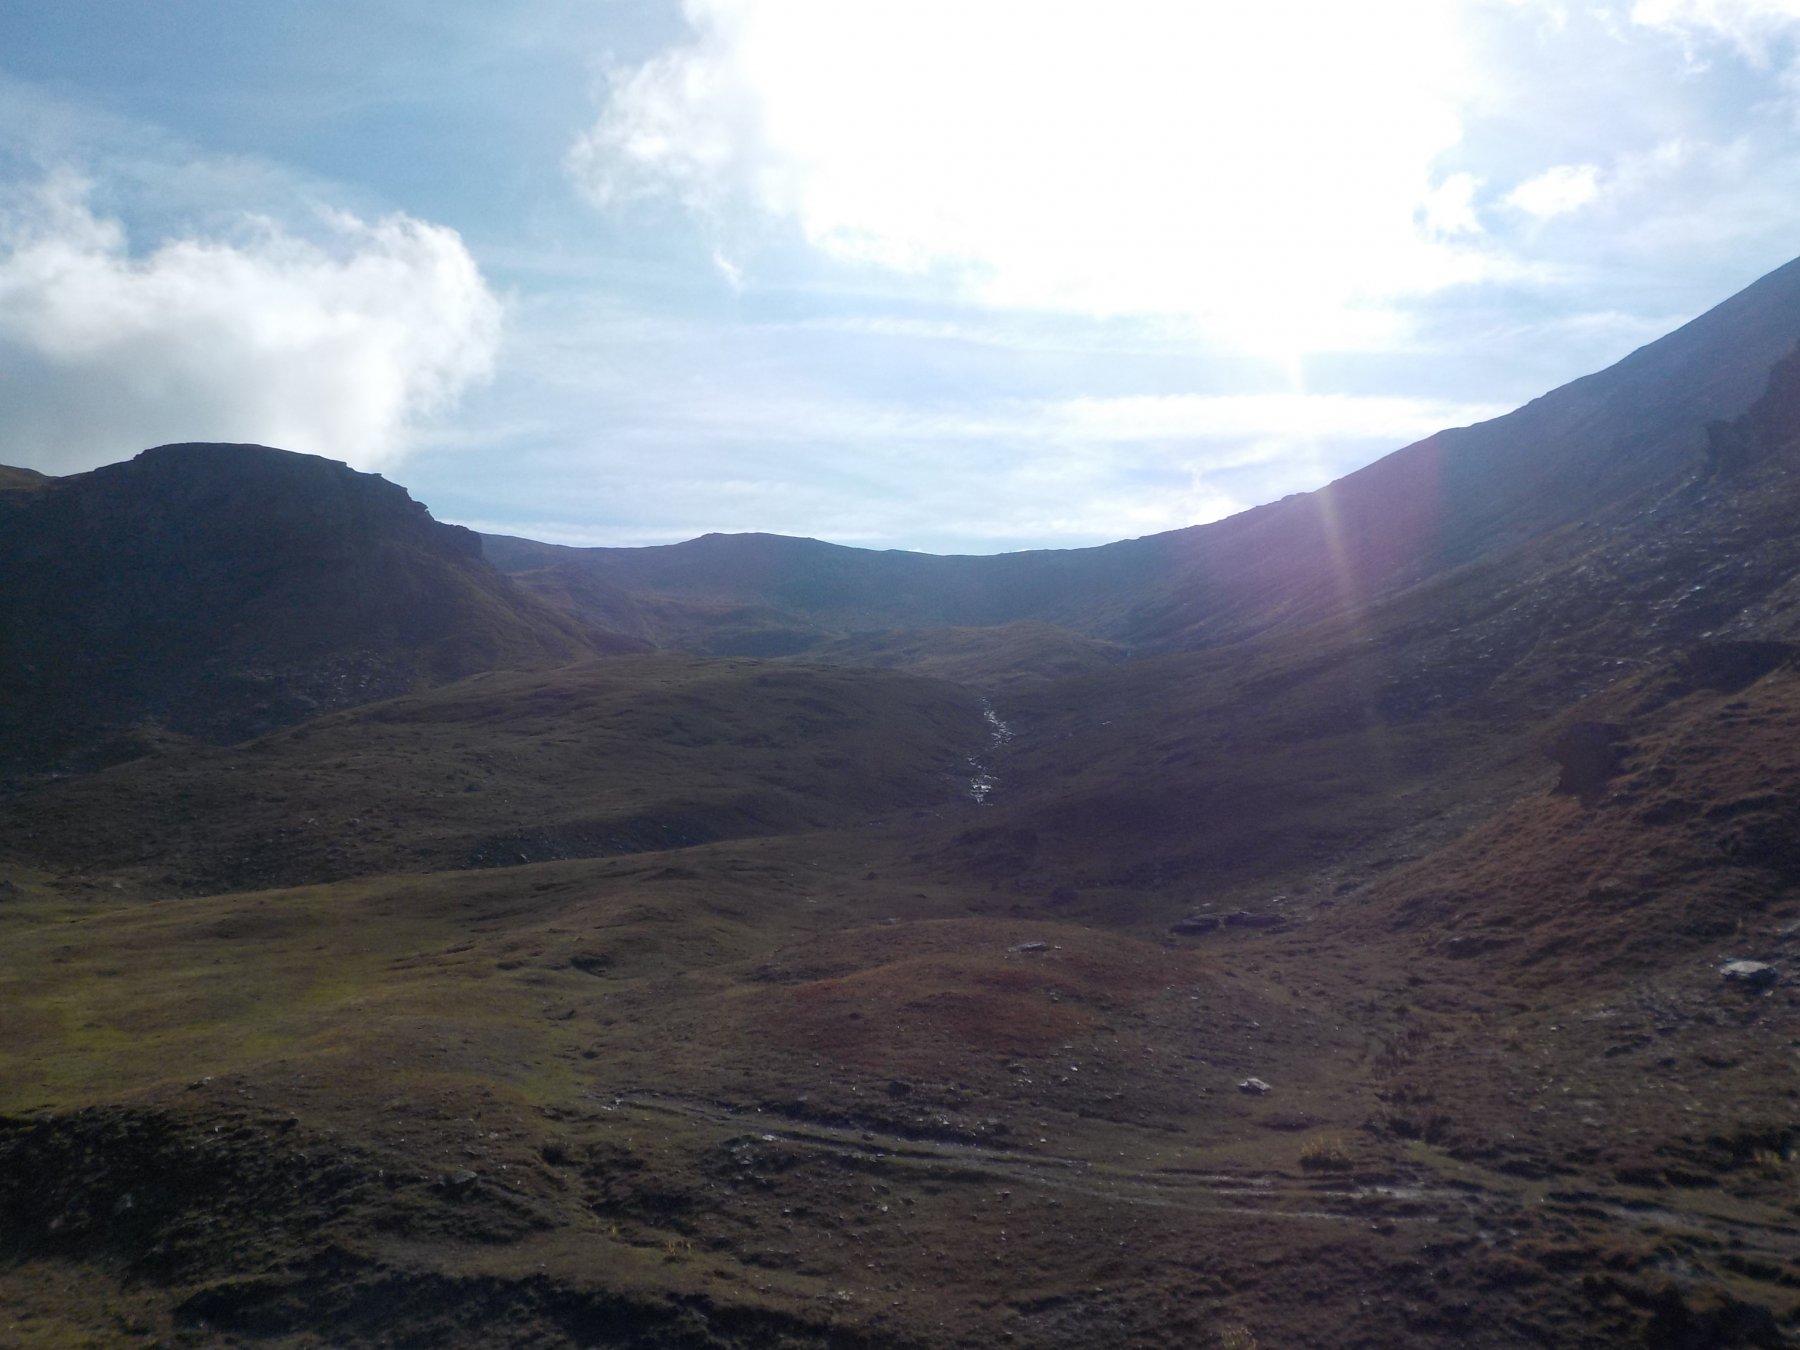 Il colle di Thures (la depressione a destra contro il cielo) visto dai pressi del bivacco (foto Valfrè).